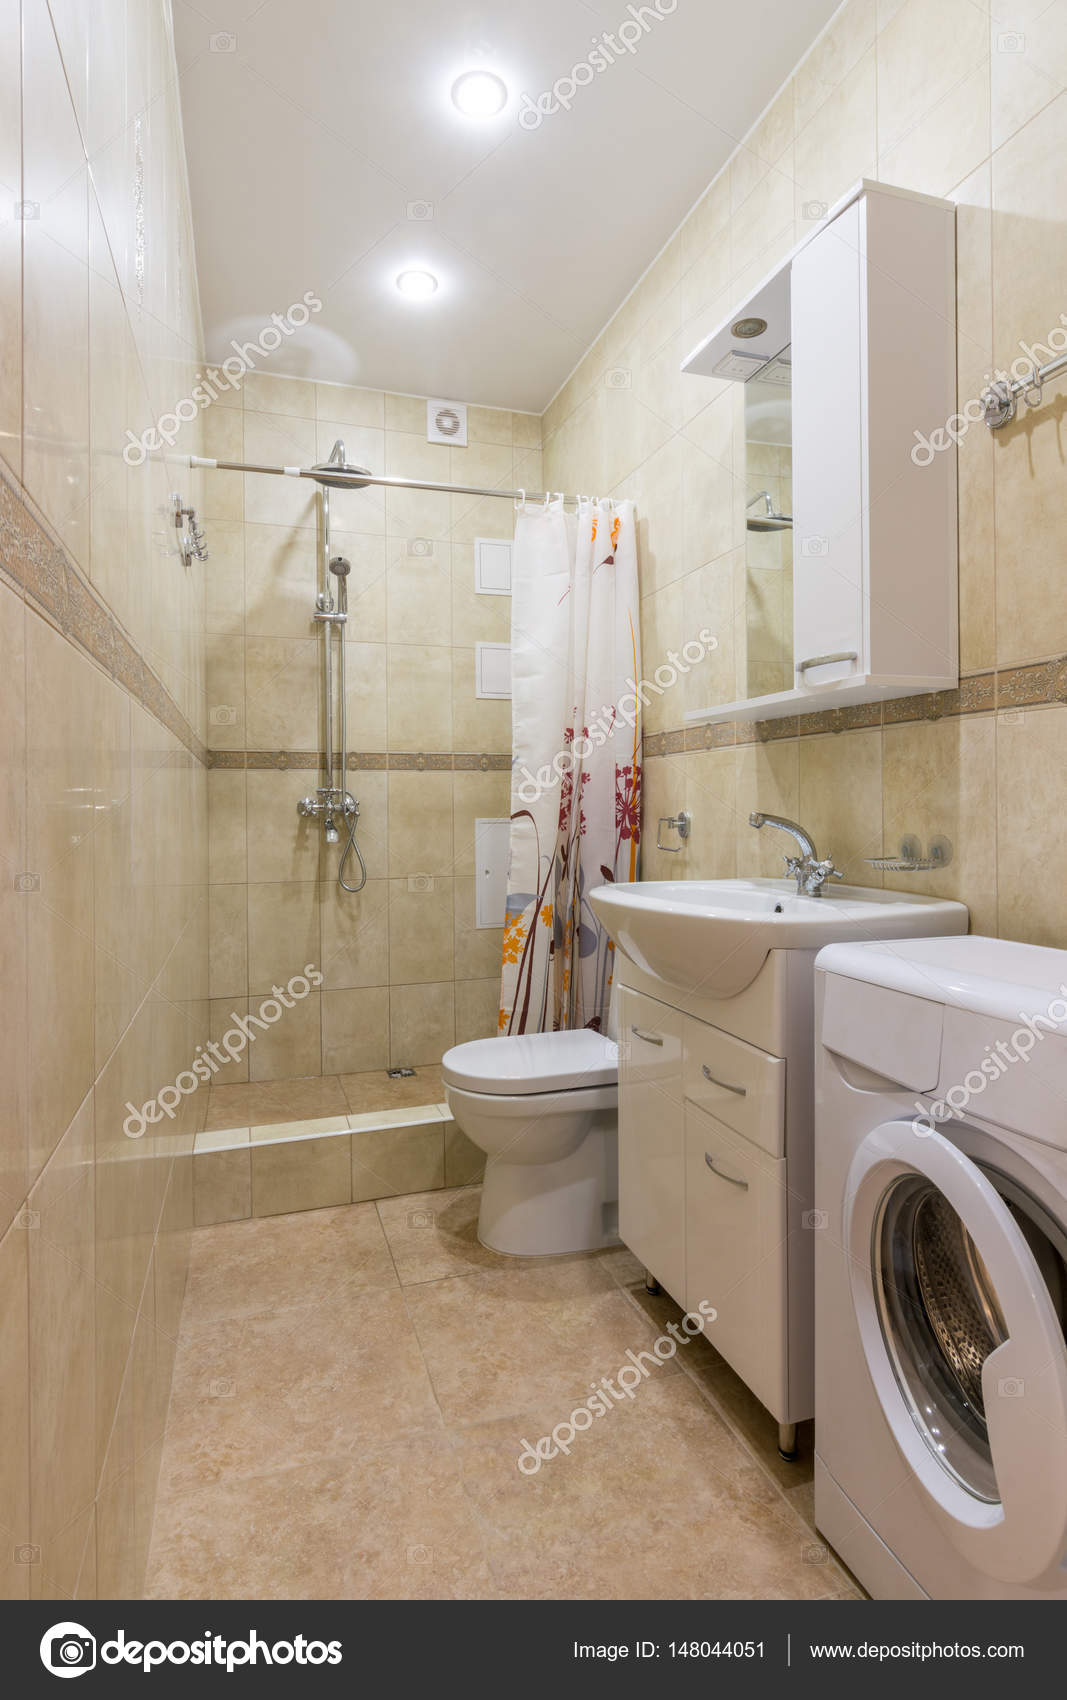 Комбинирование ванной комнаты термостатический смеситель купить москва